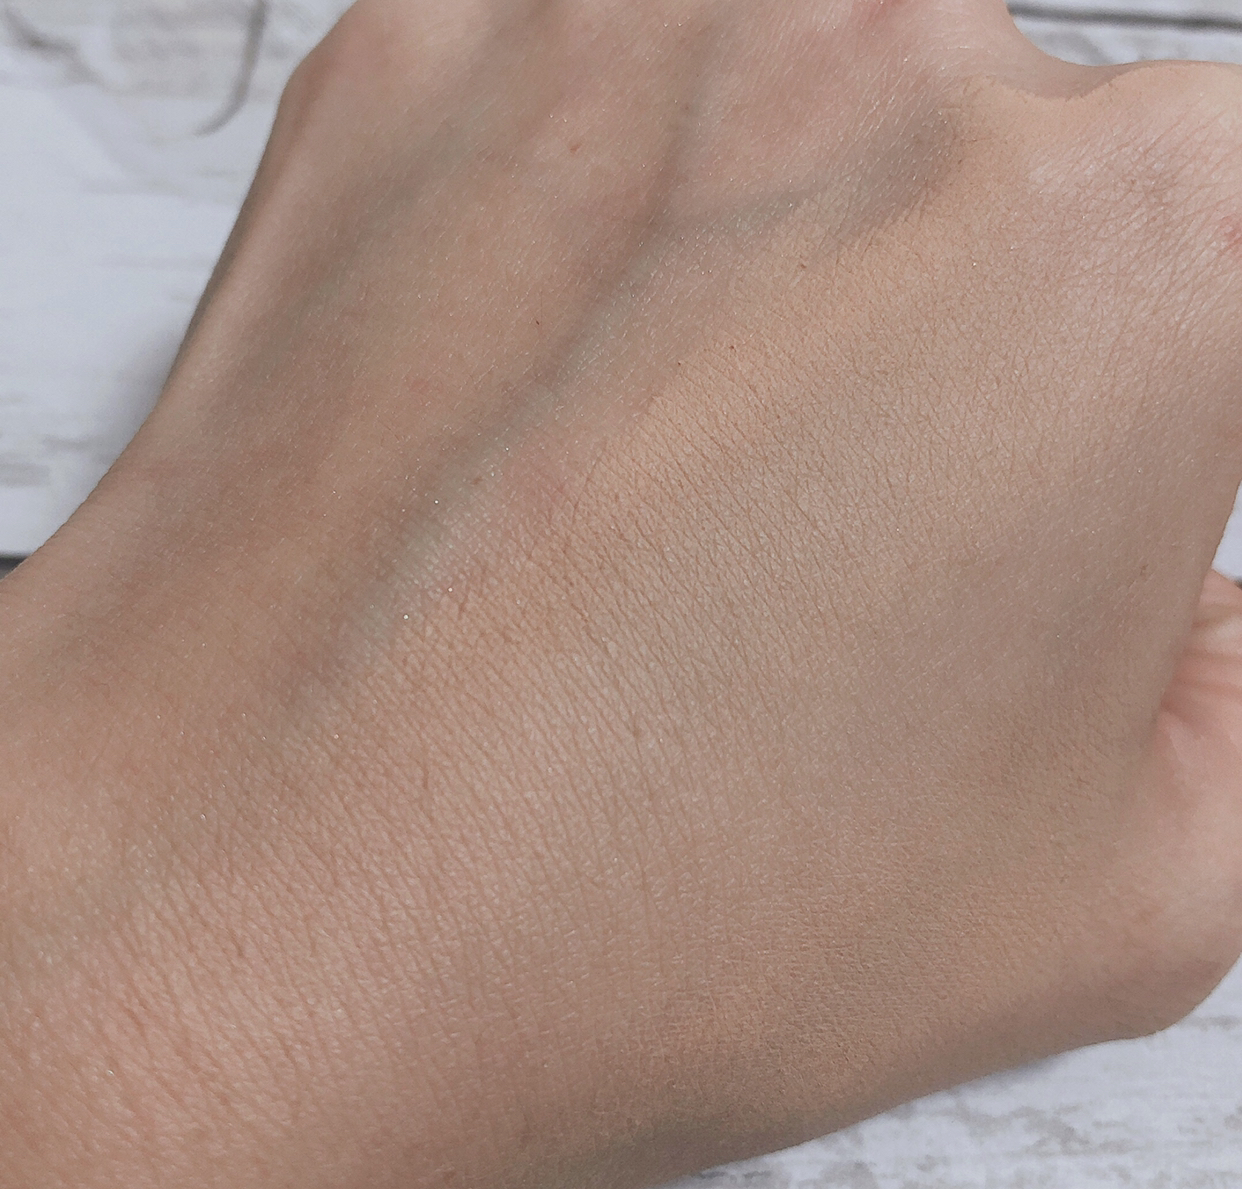 プロ仕上げ♡透け感美肌が手に入る。仕上がりもプロテク?INTEGRATE プロフィニッシュファンデーション。プチプラで使えるコスメをご紹介♡_3